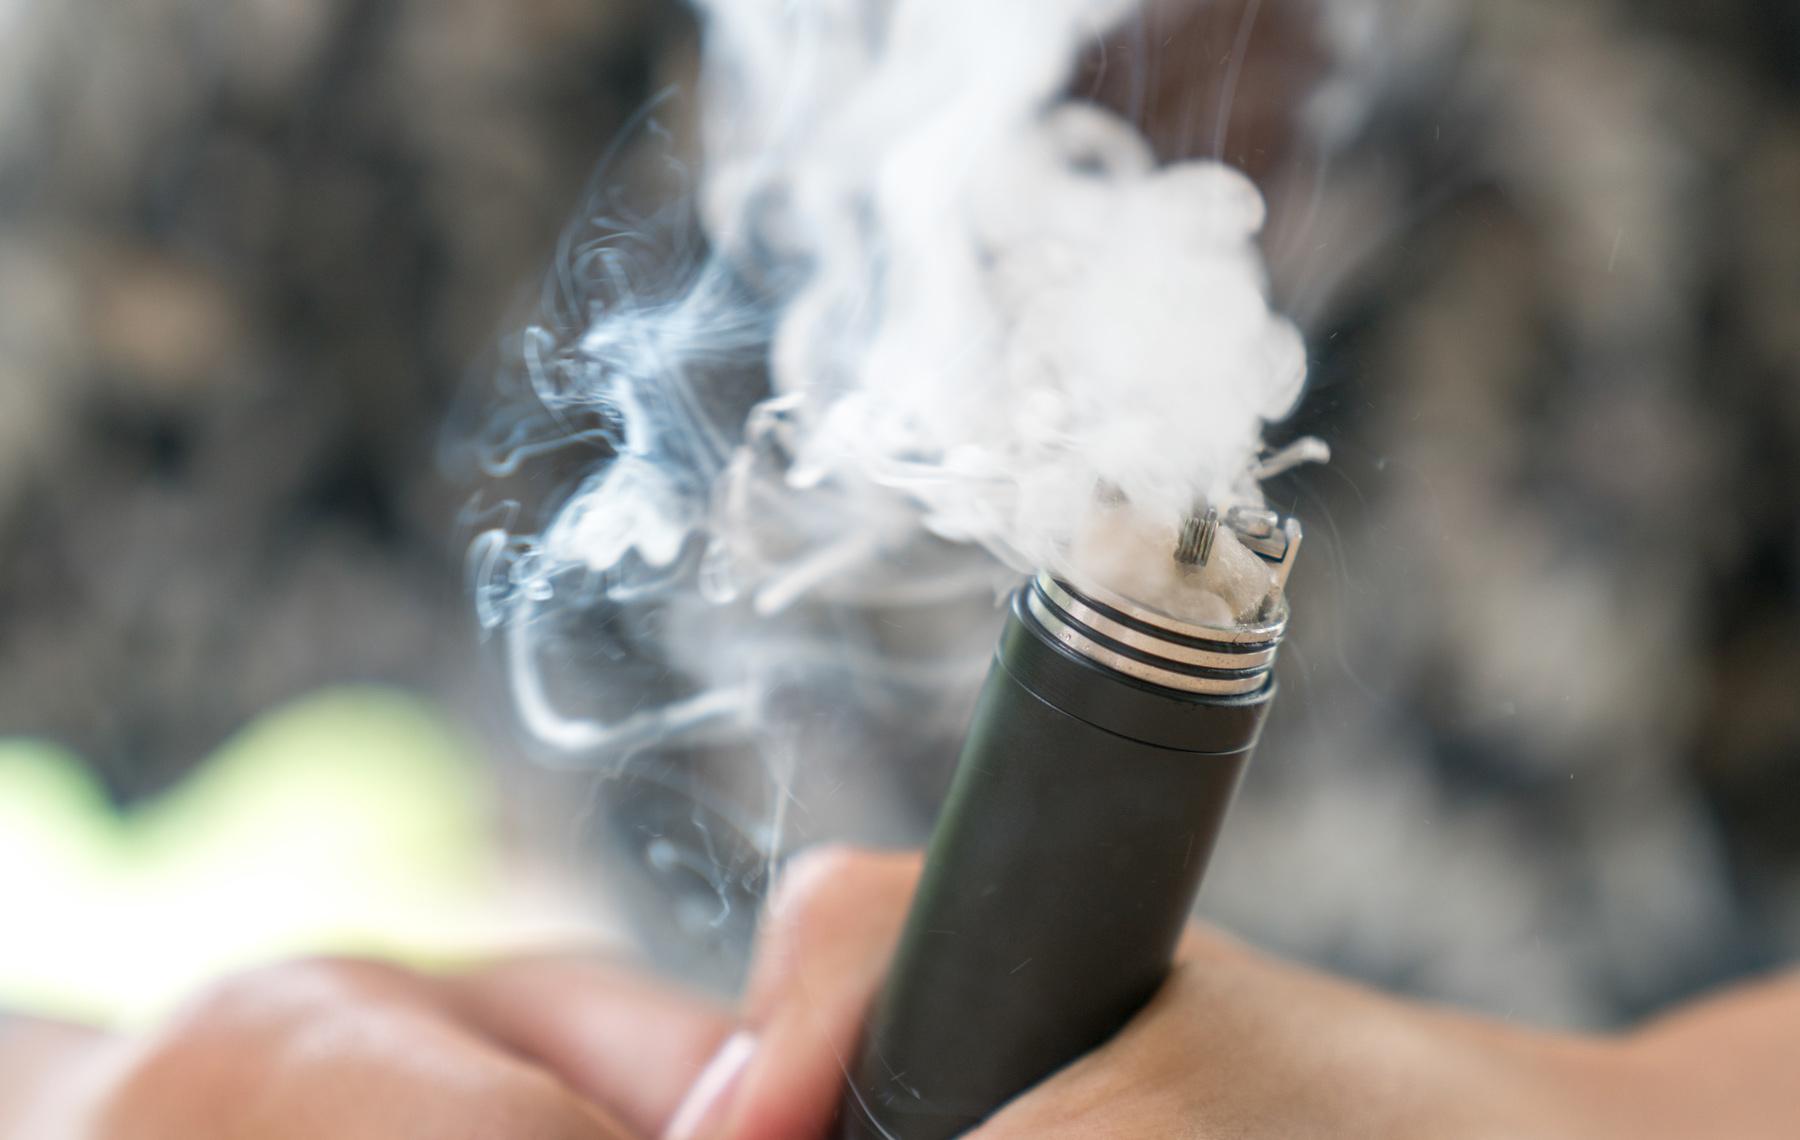 Smoking now